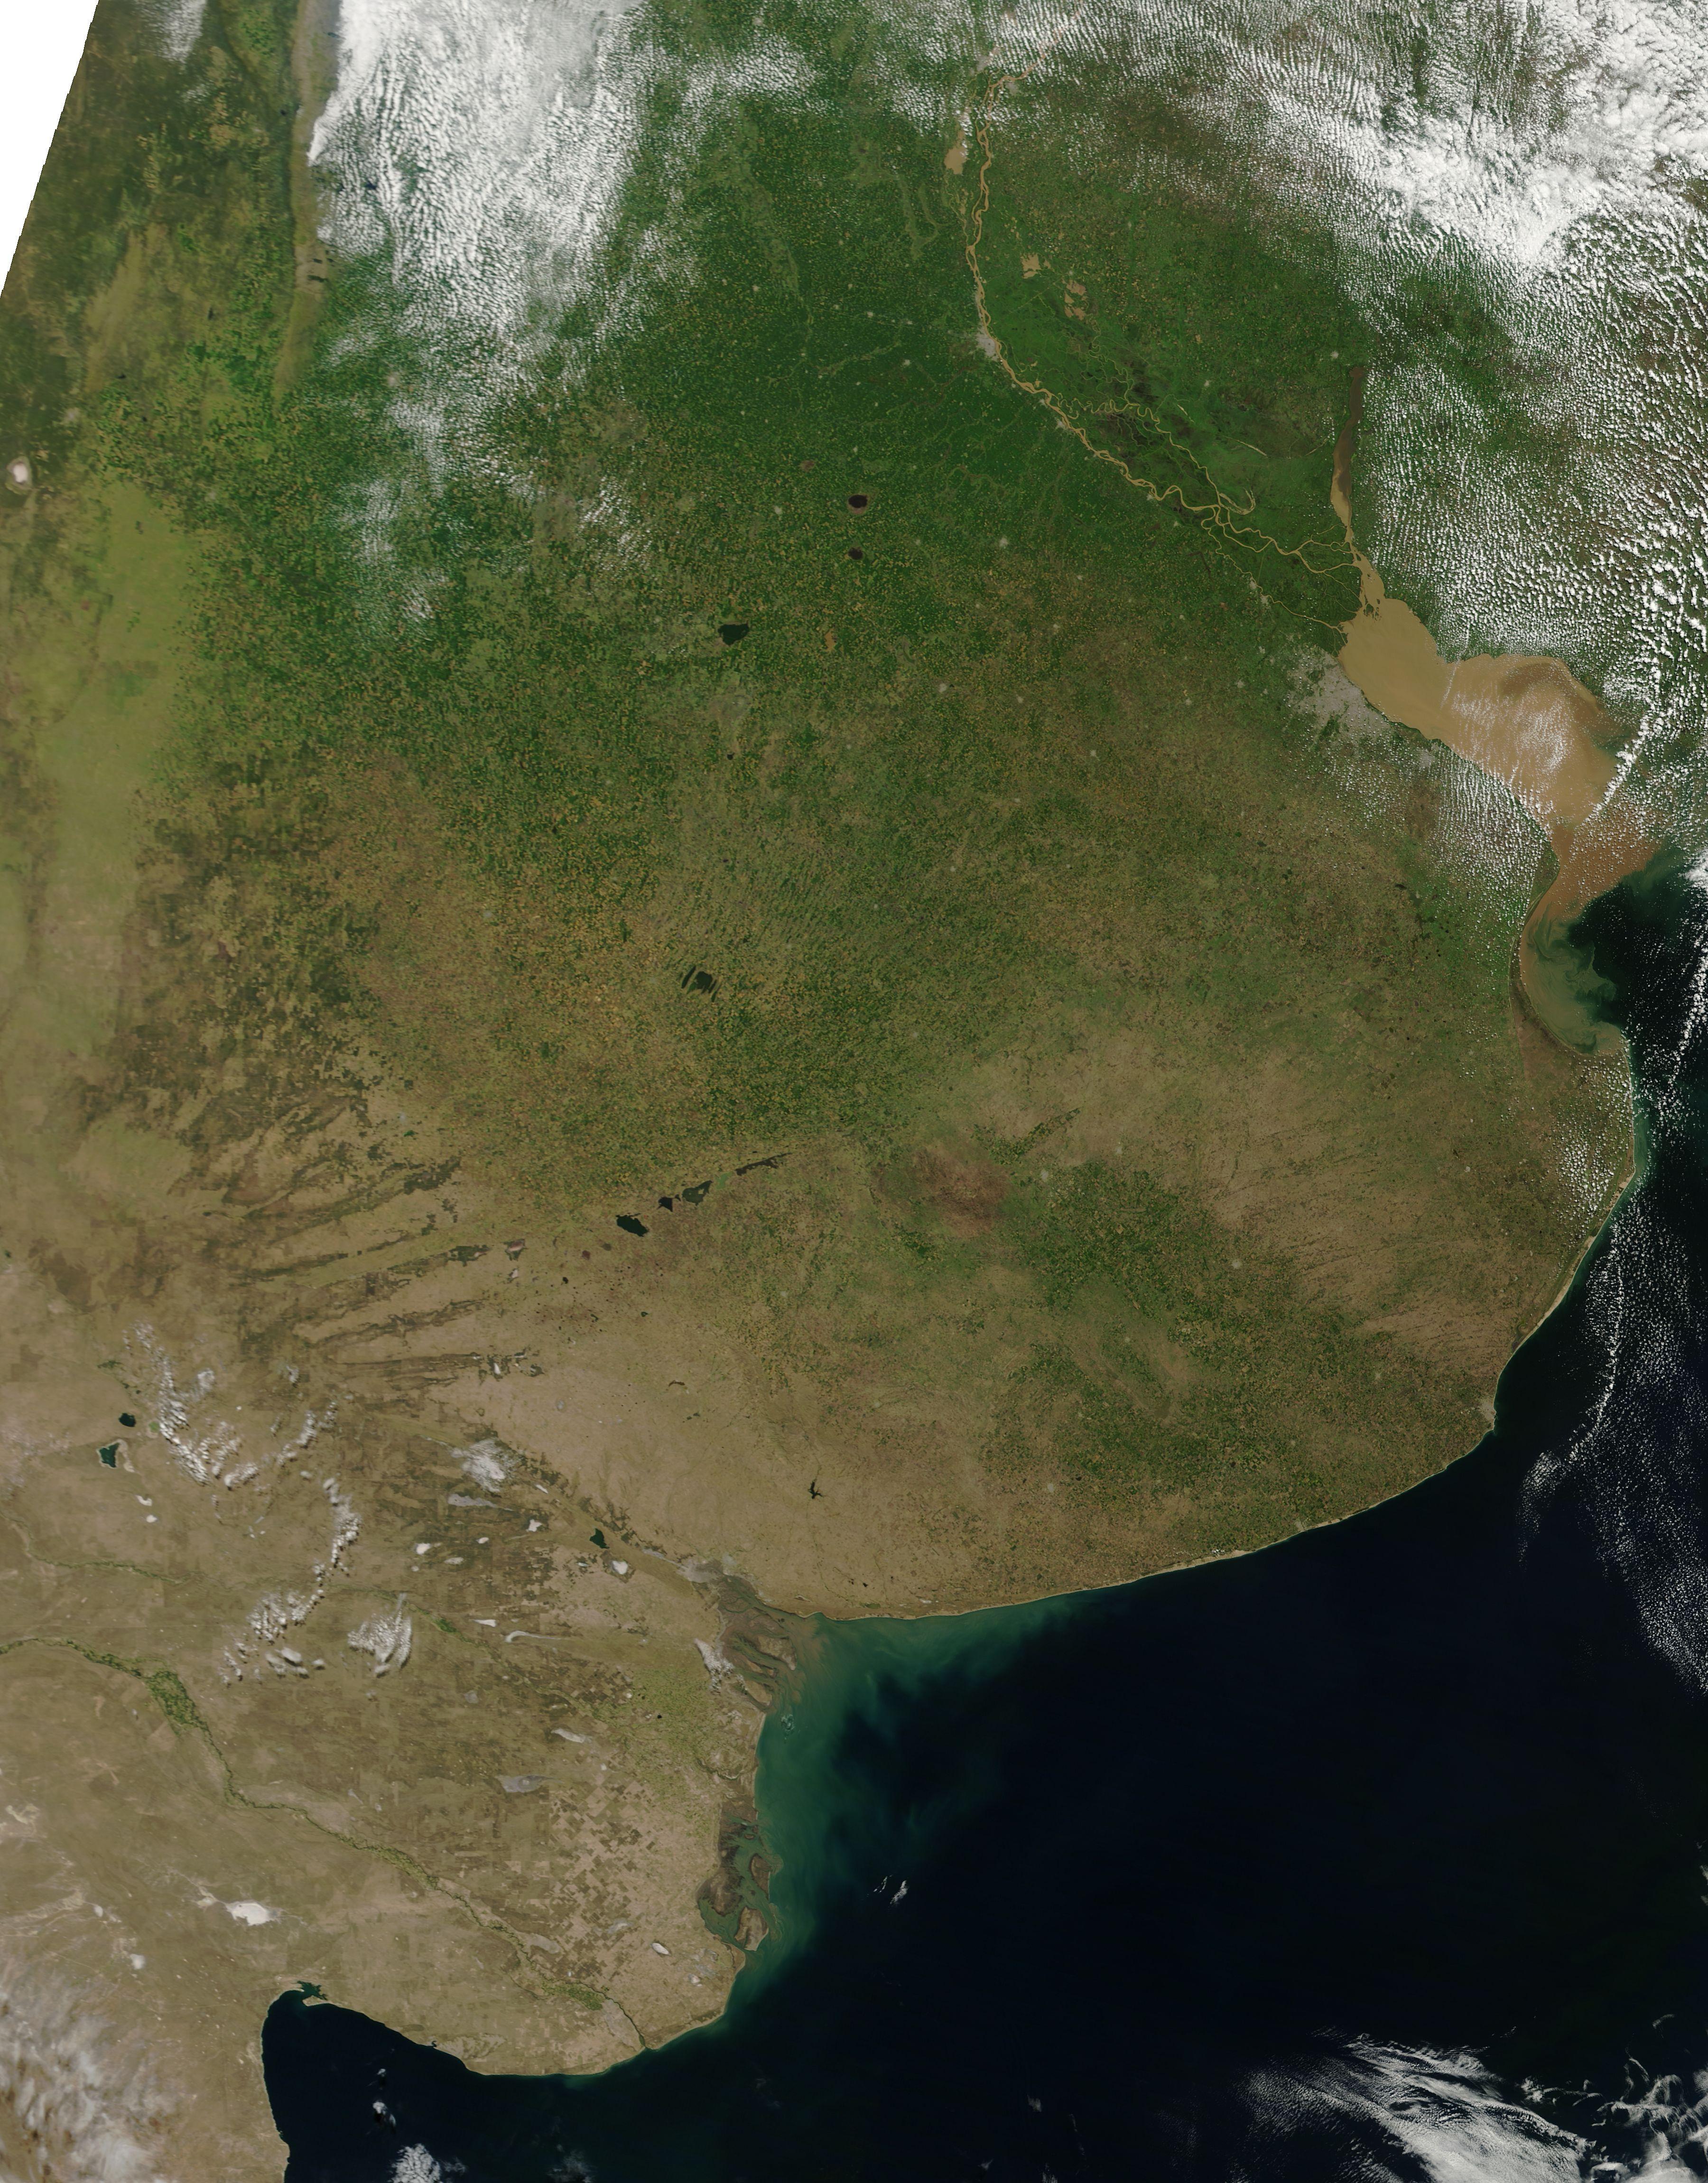 La Tierra como arte. Imágenes de satélite de la Tierra